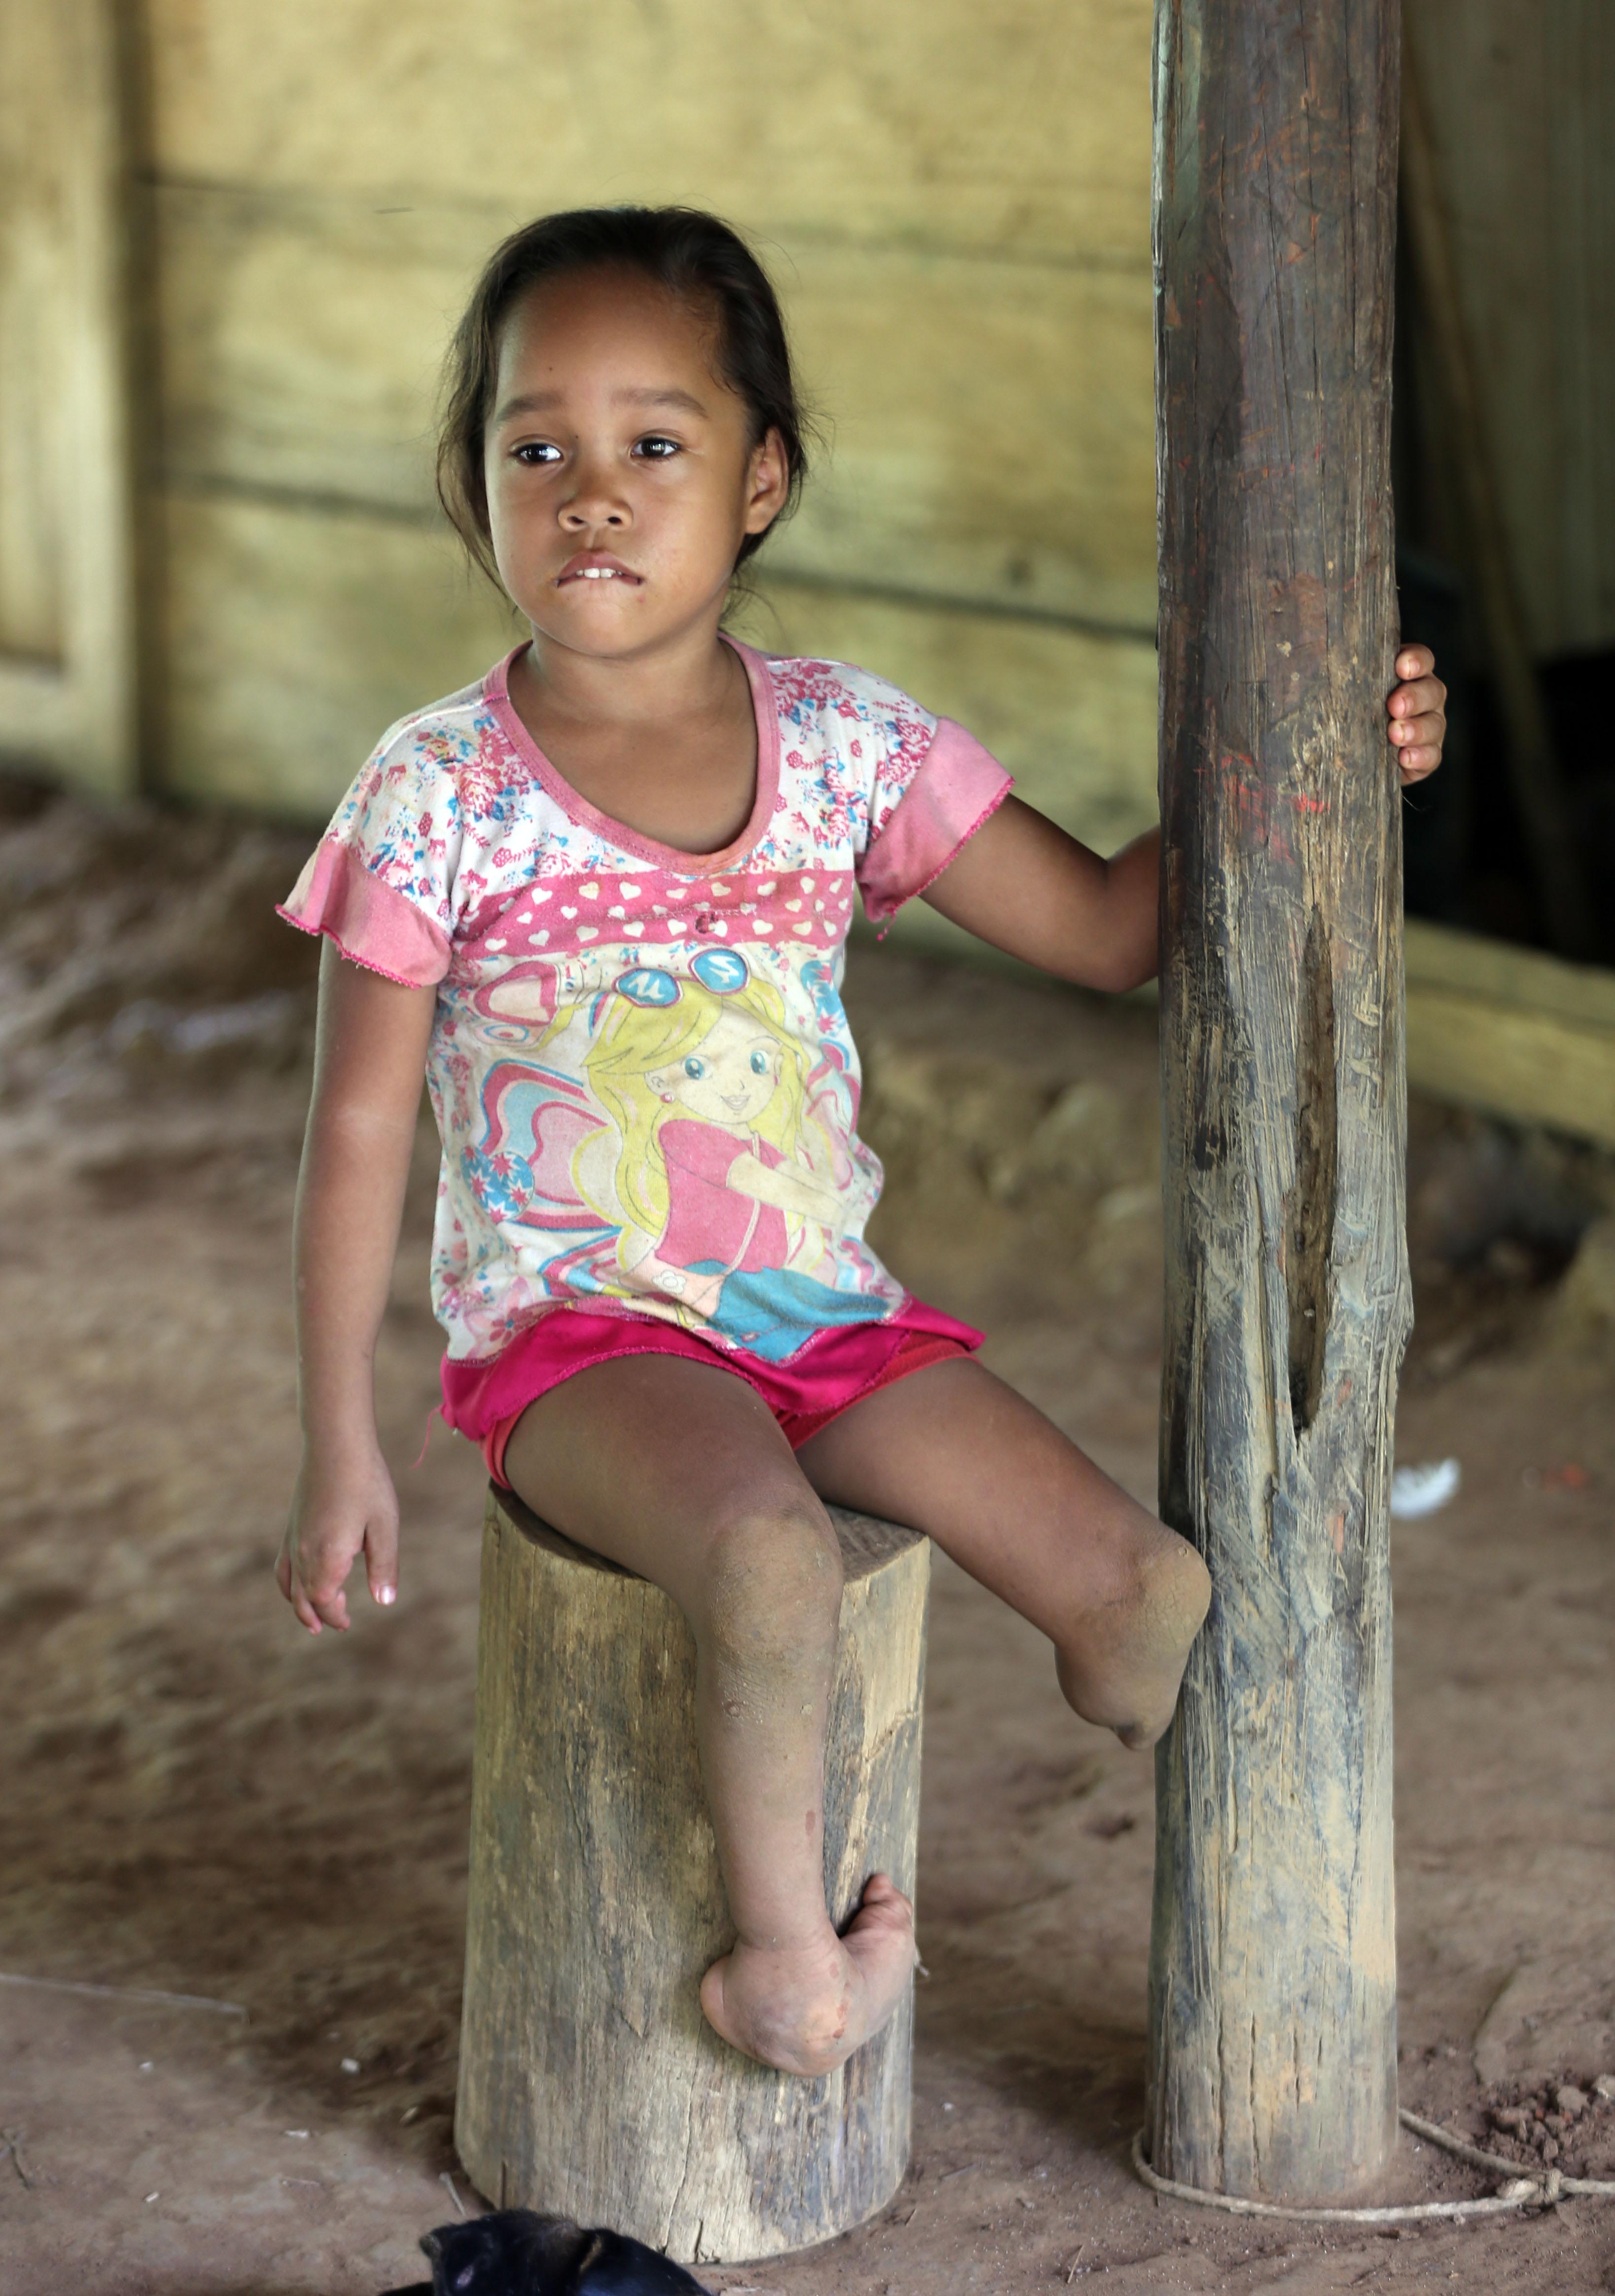 Joani Londono, 5, cuja mãe teve problemas na gravidez depois de comer vegetais de área que recebeu herbicidas. Crédito: Fernando Vergara/AP Photo